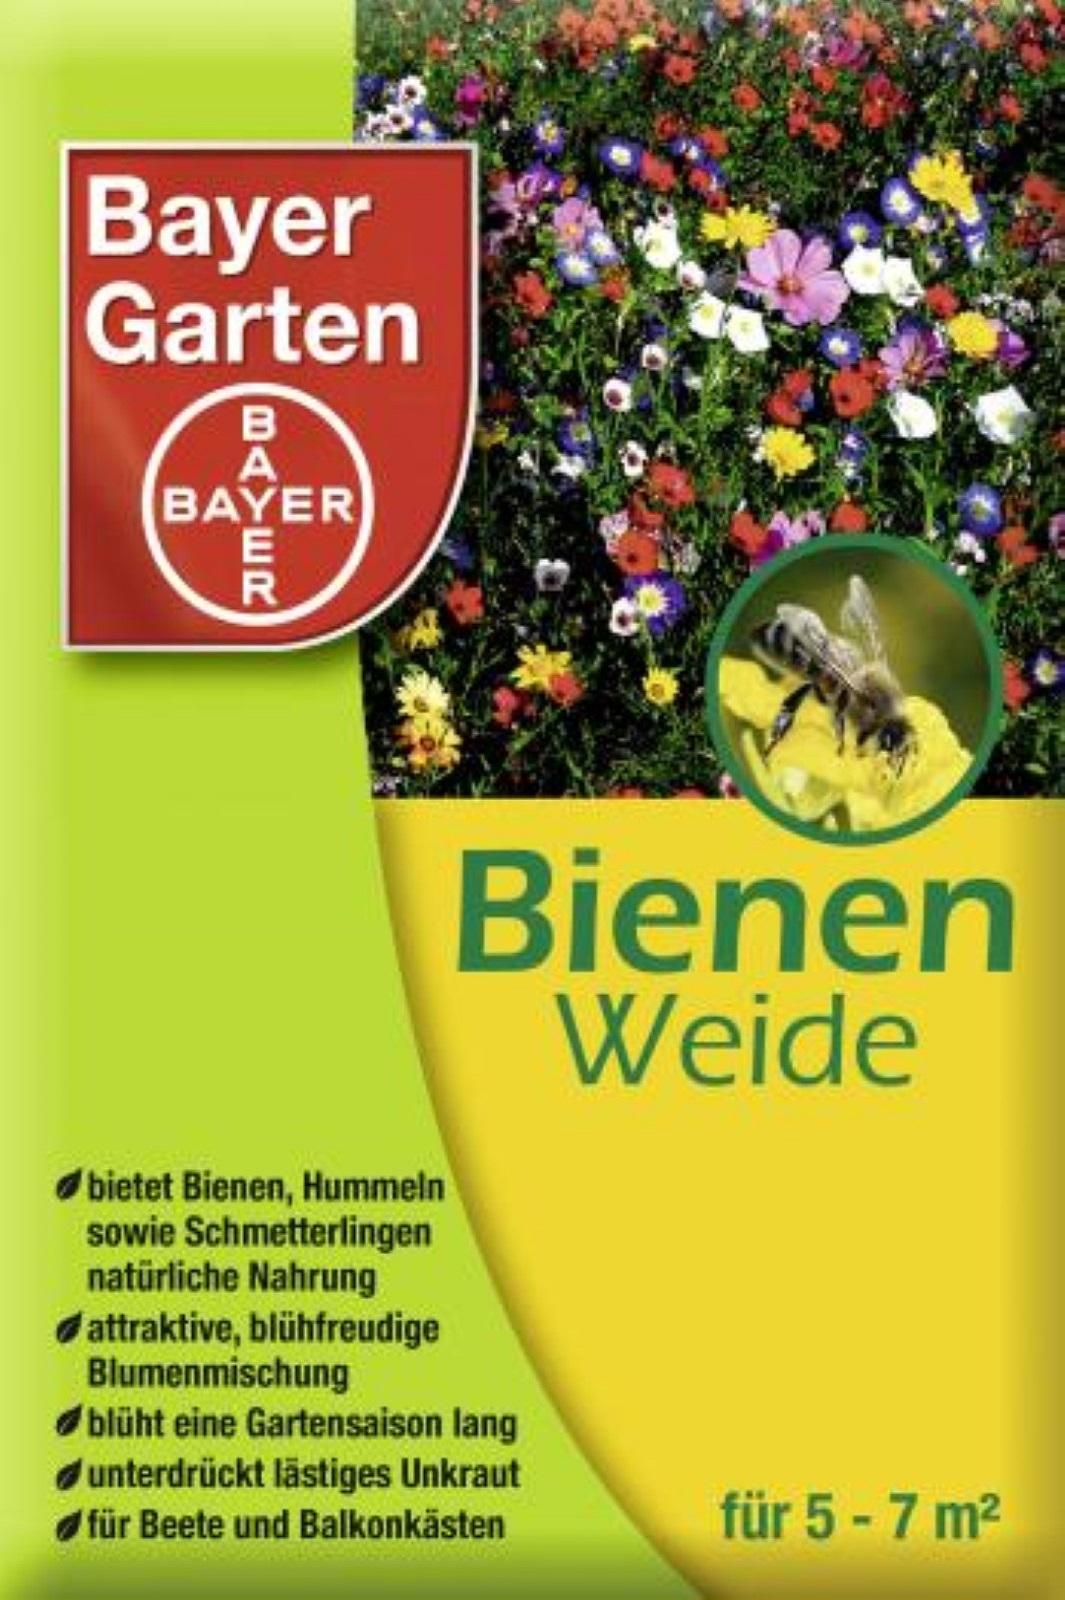 Bayer Bienenweide 50 g Samen Blumensamen